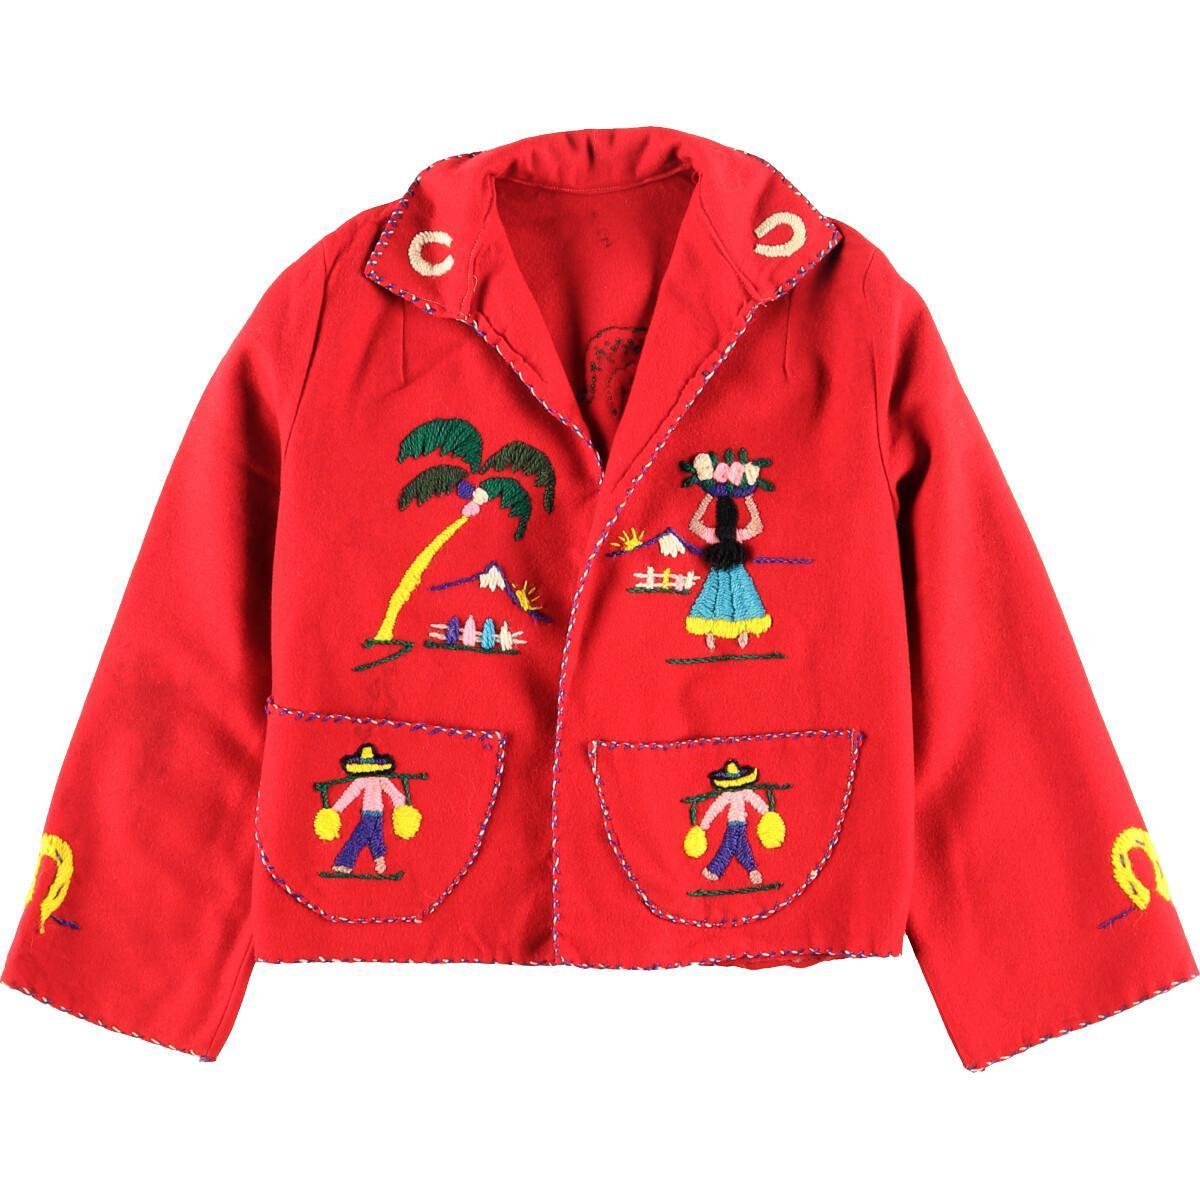 60年代 ハンド刺繍 メキシカンジャケット ウールジャケット レディースS ヴィンテージ /wbj2811 【中古】 【191206】【PD202-2】【CS2003】【SS2003】